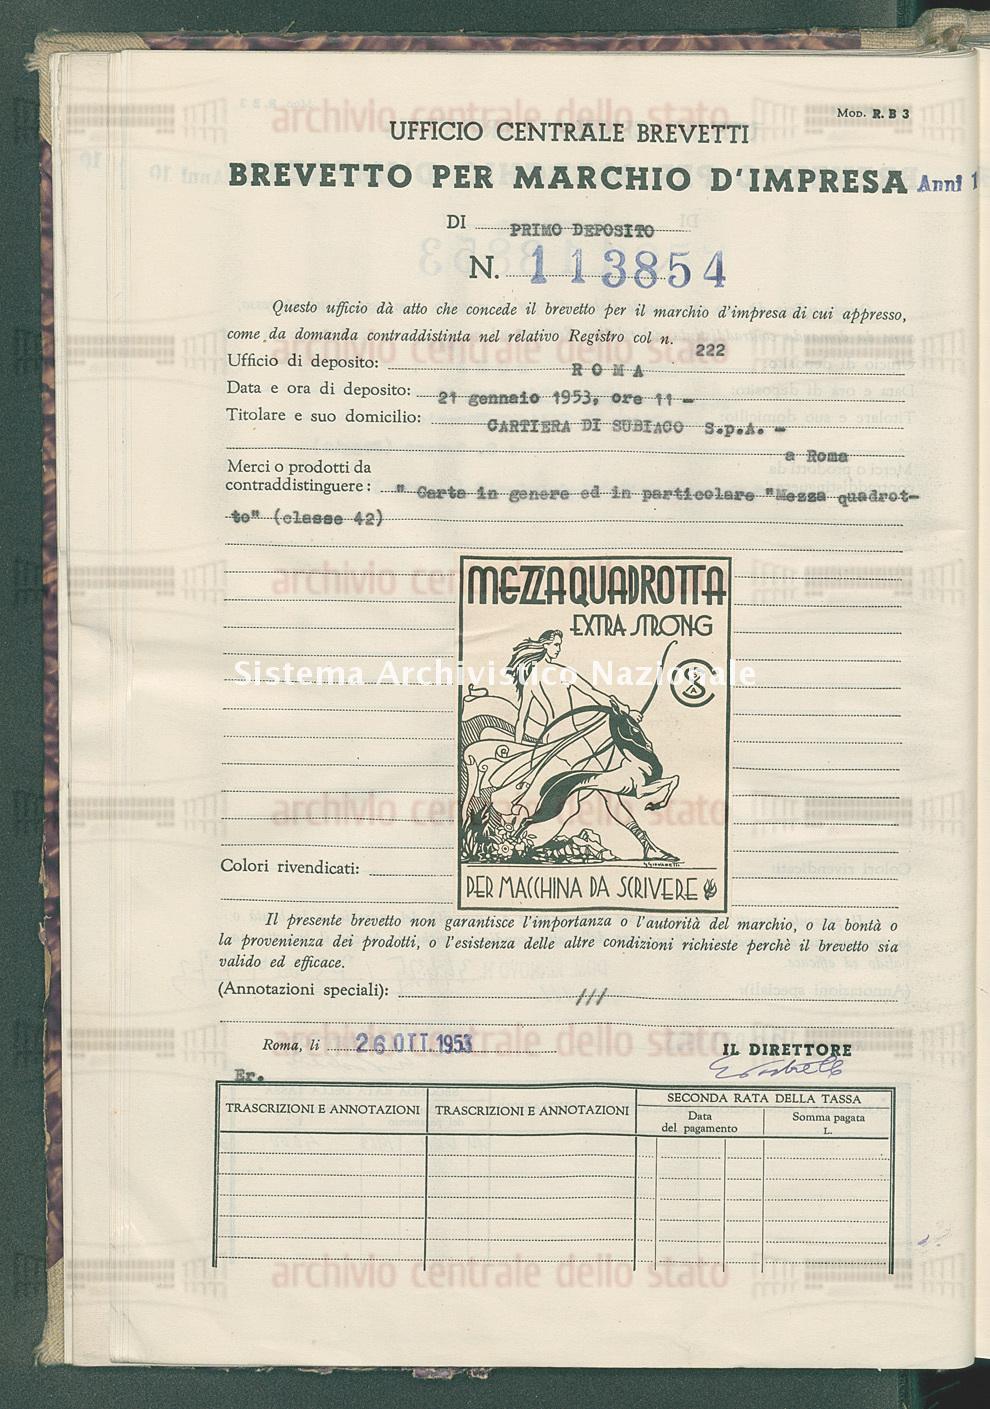 'Carta in genere ed in particolare 'mezza quadretto' Cartiera Di Subiaco S.P.A. (26/10/1953)